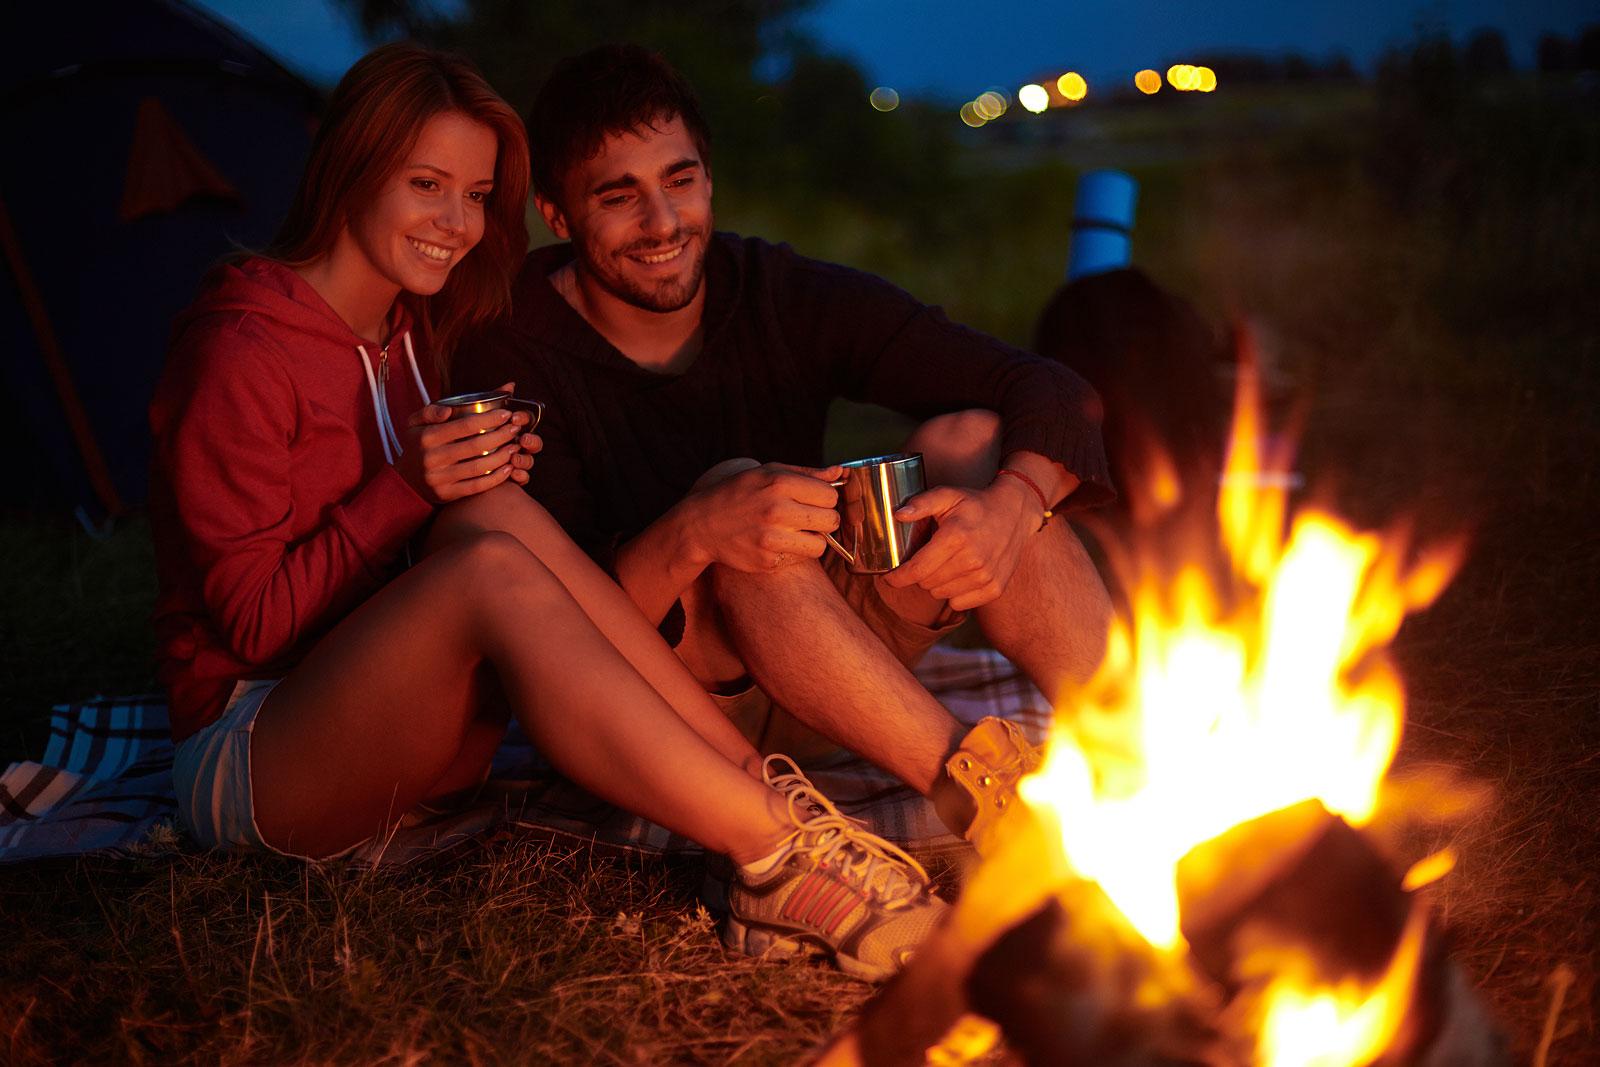 man en vrouw bij kampvuur in avond